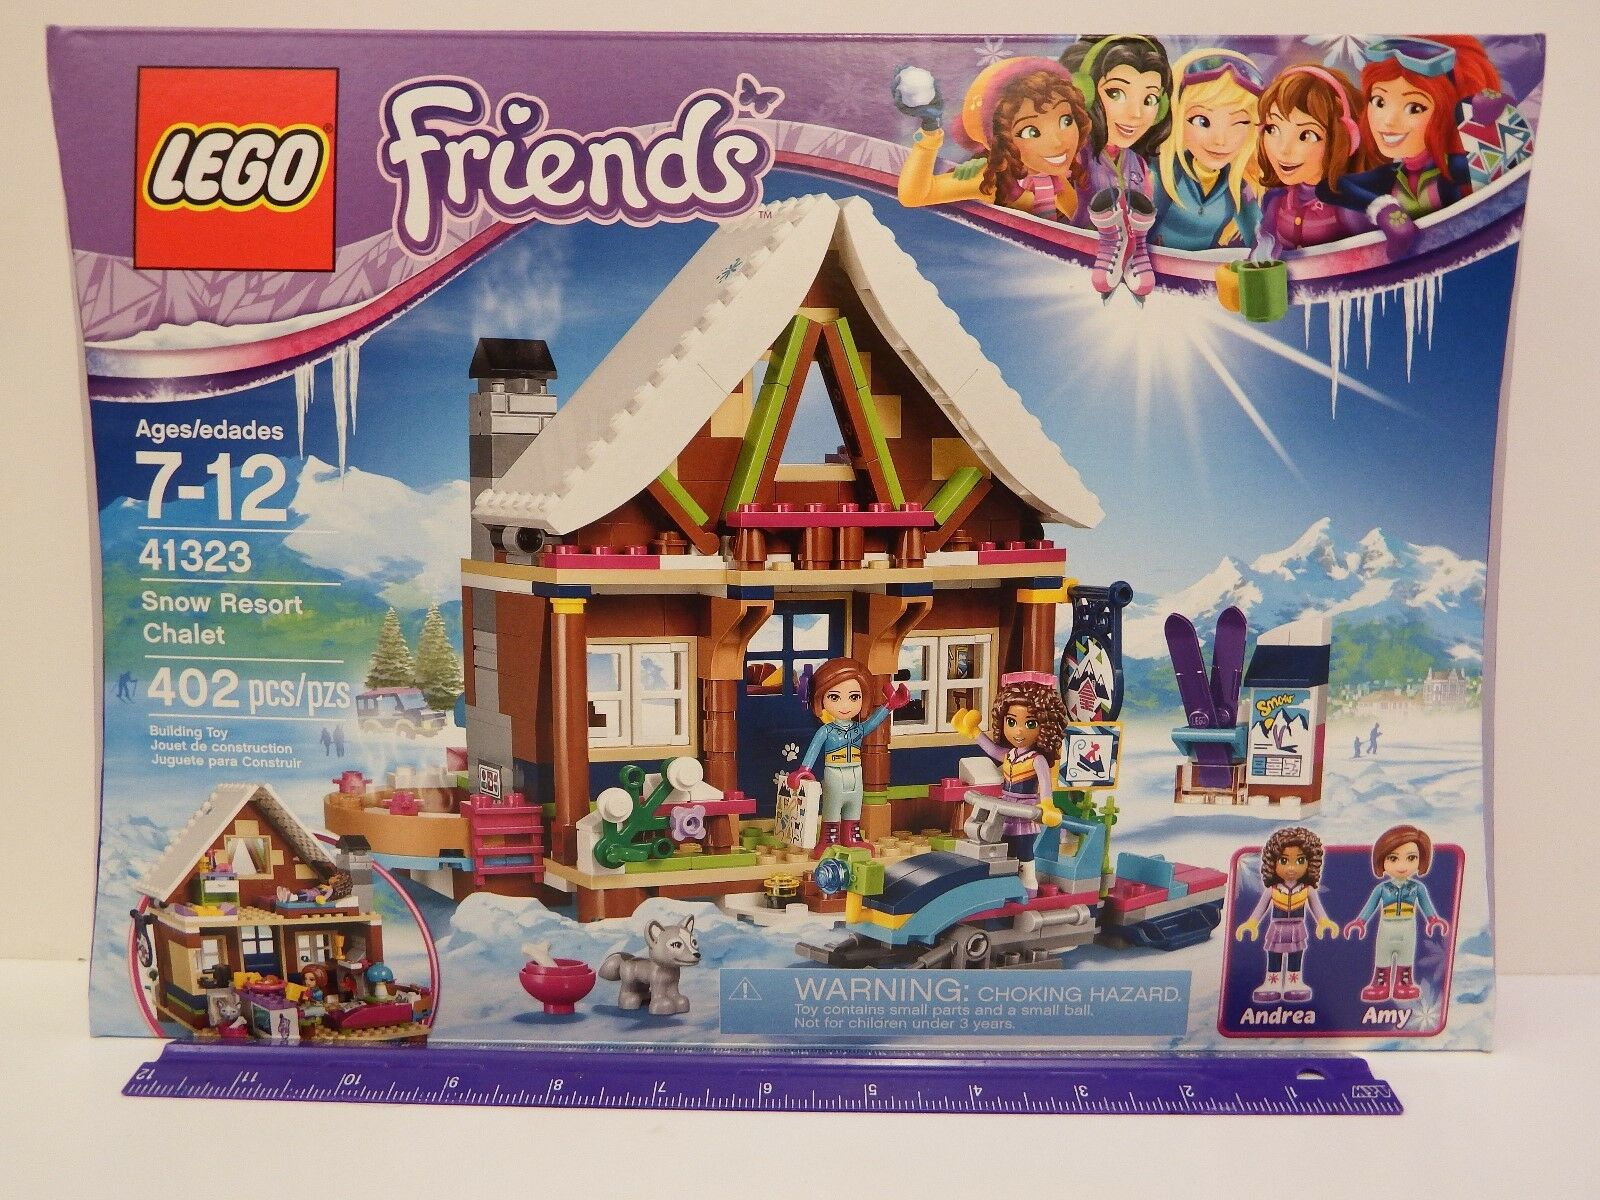 LEGO FRIENDS - Snow Resort Chalet - Model pc set - Ages 7 - 12